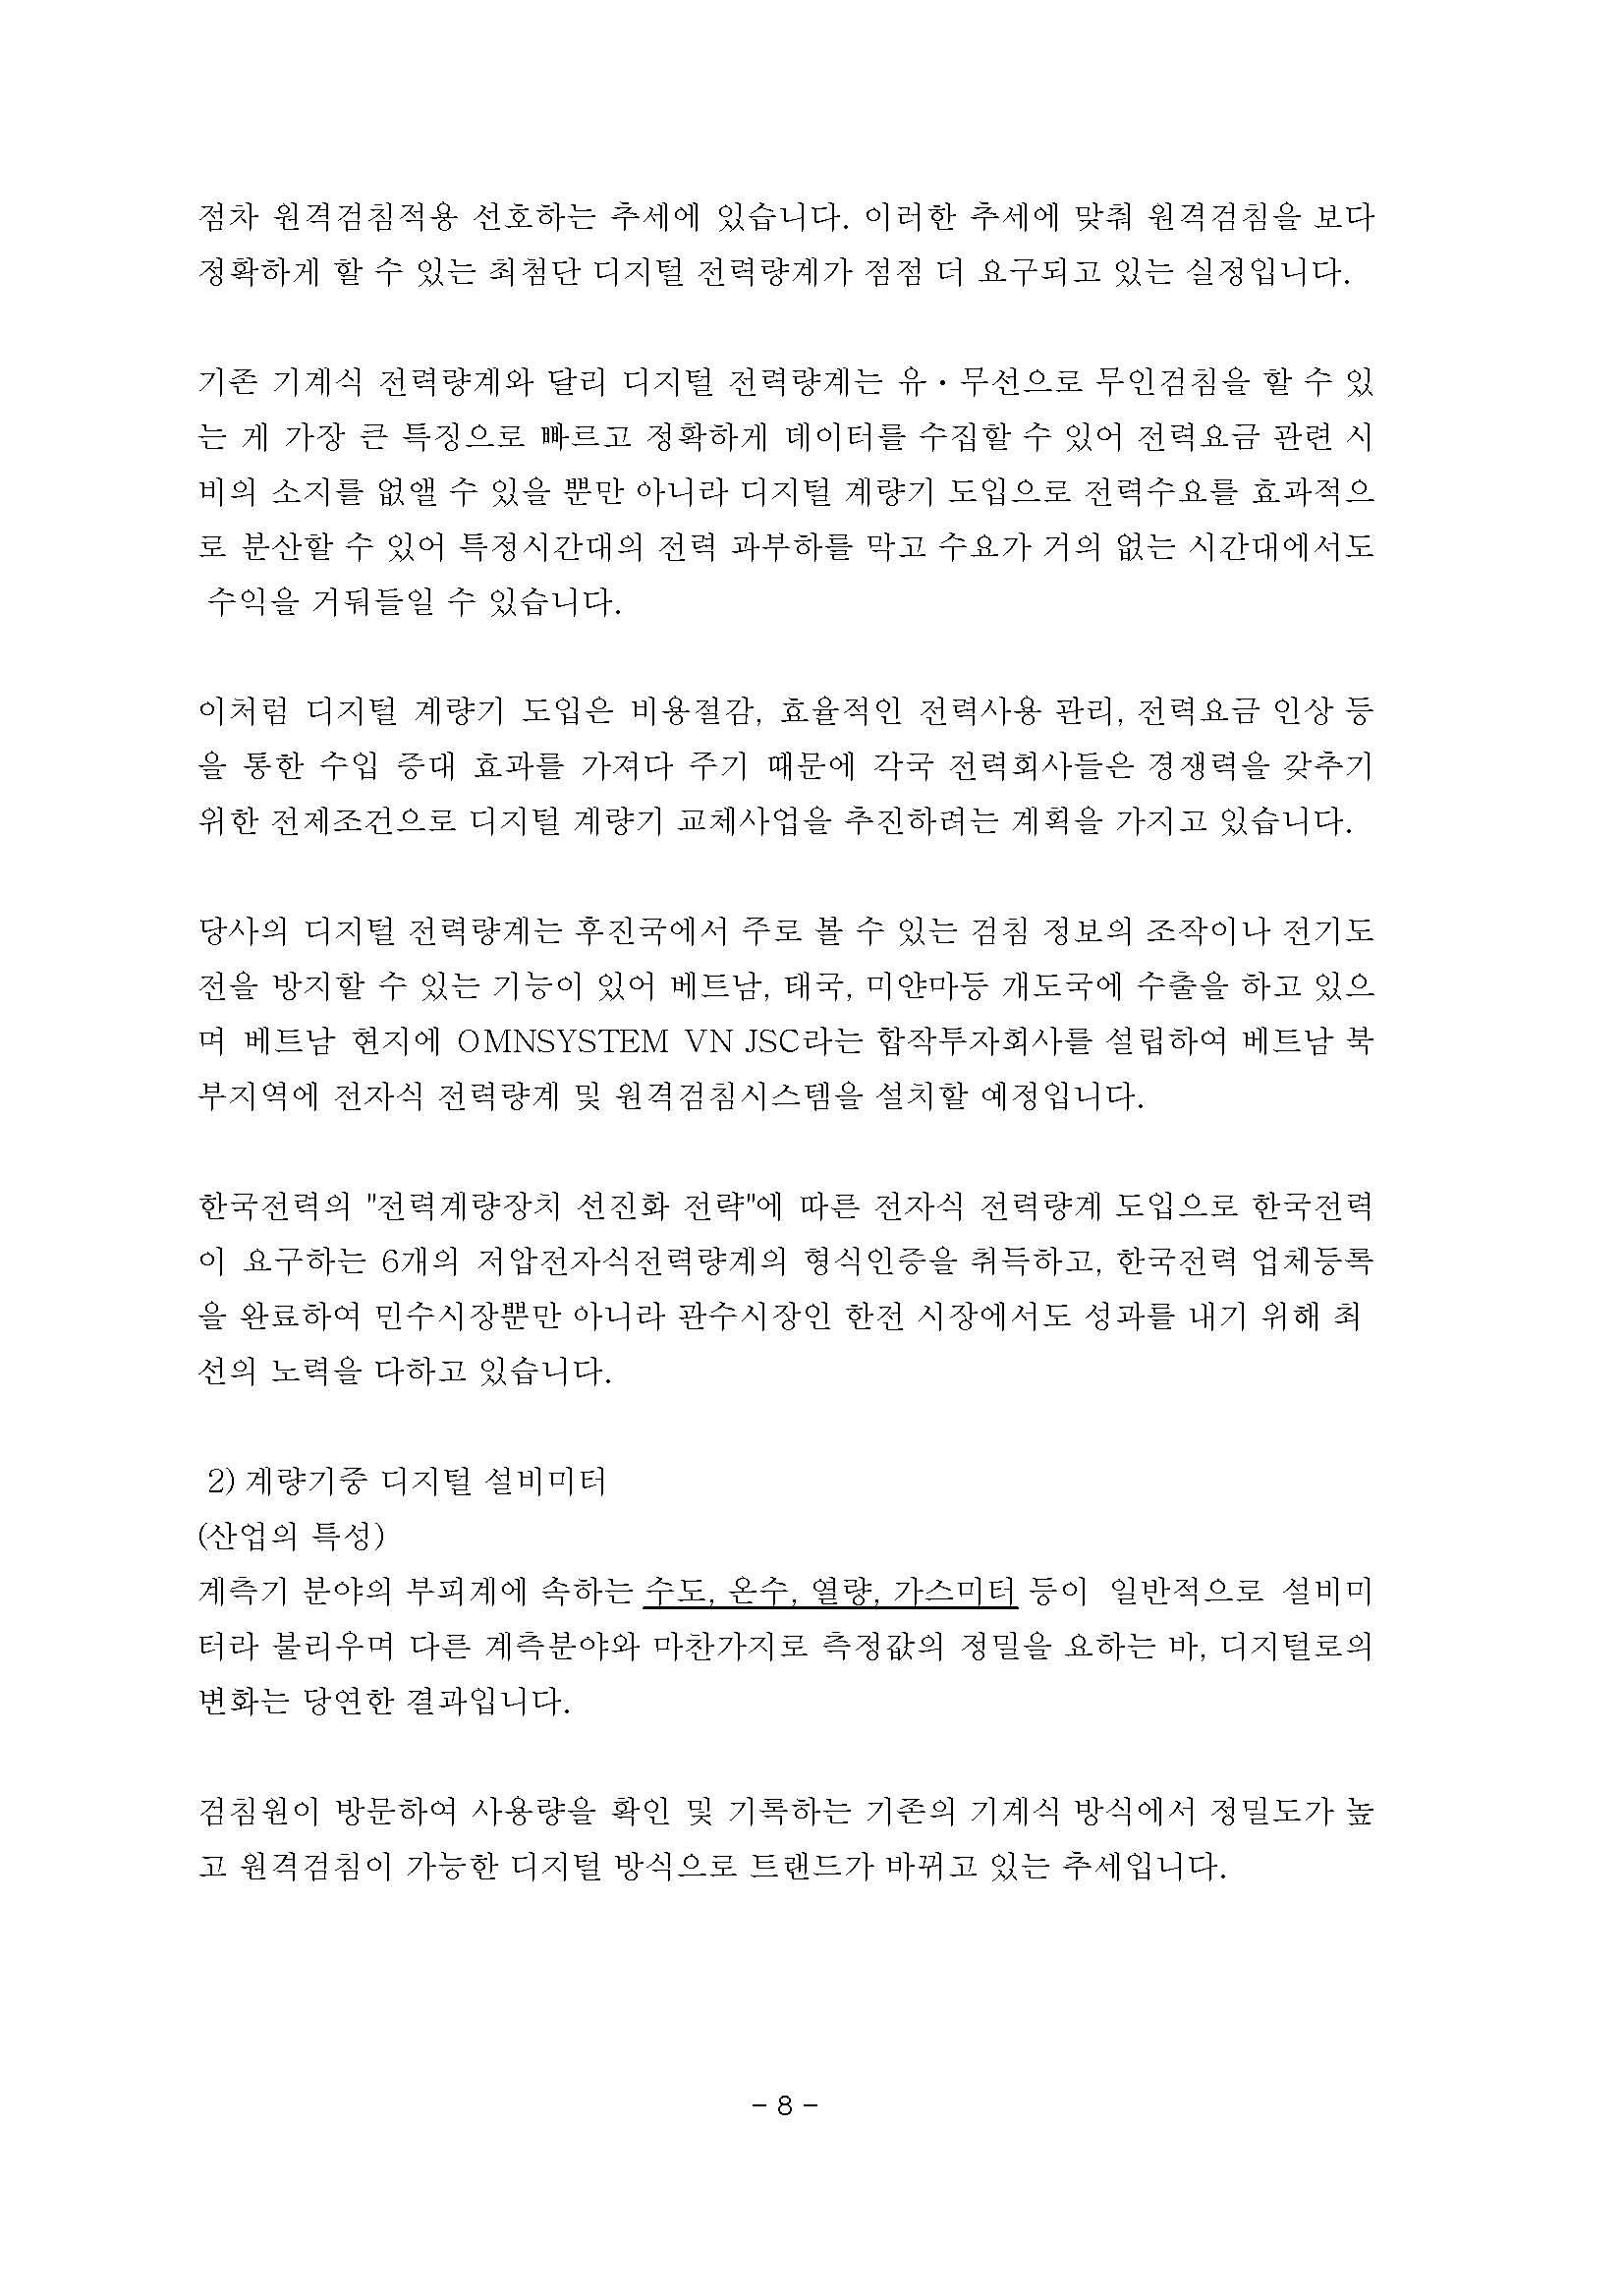 20160311 주주총회 소집공고-옴니시스템_페이지_09.jpg